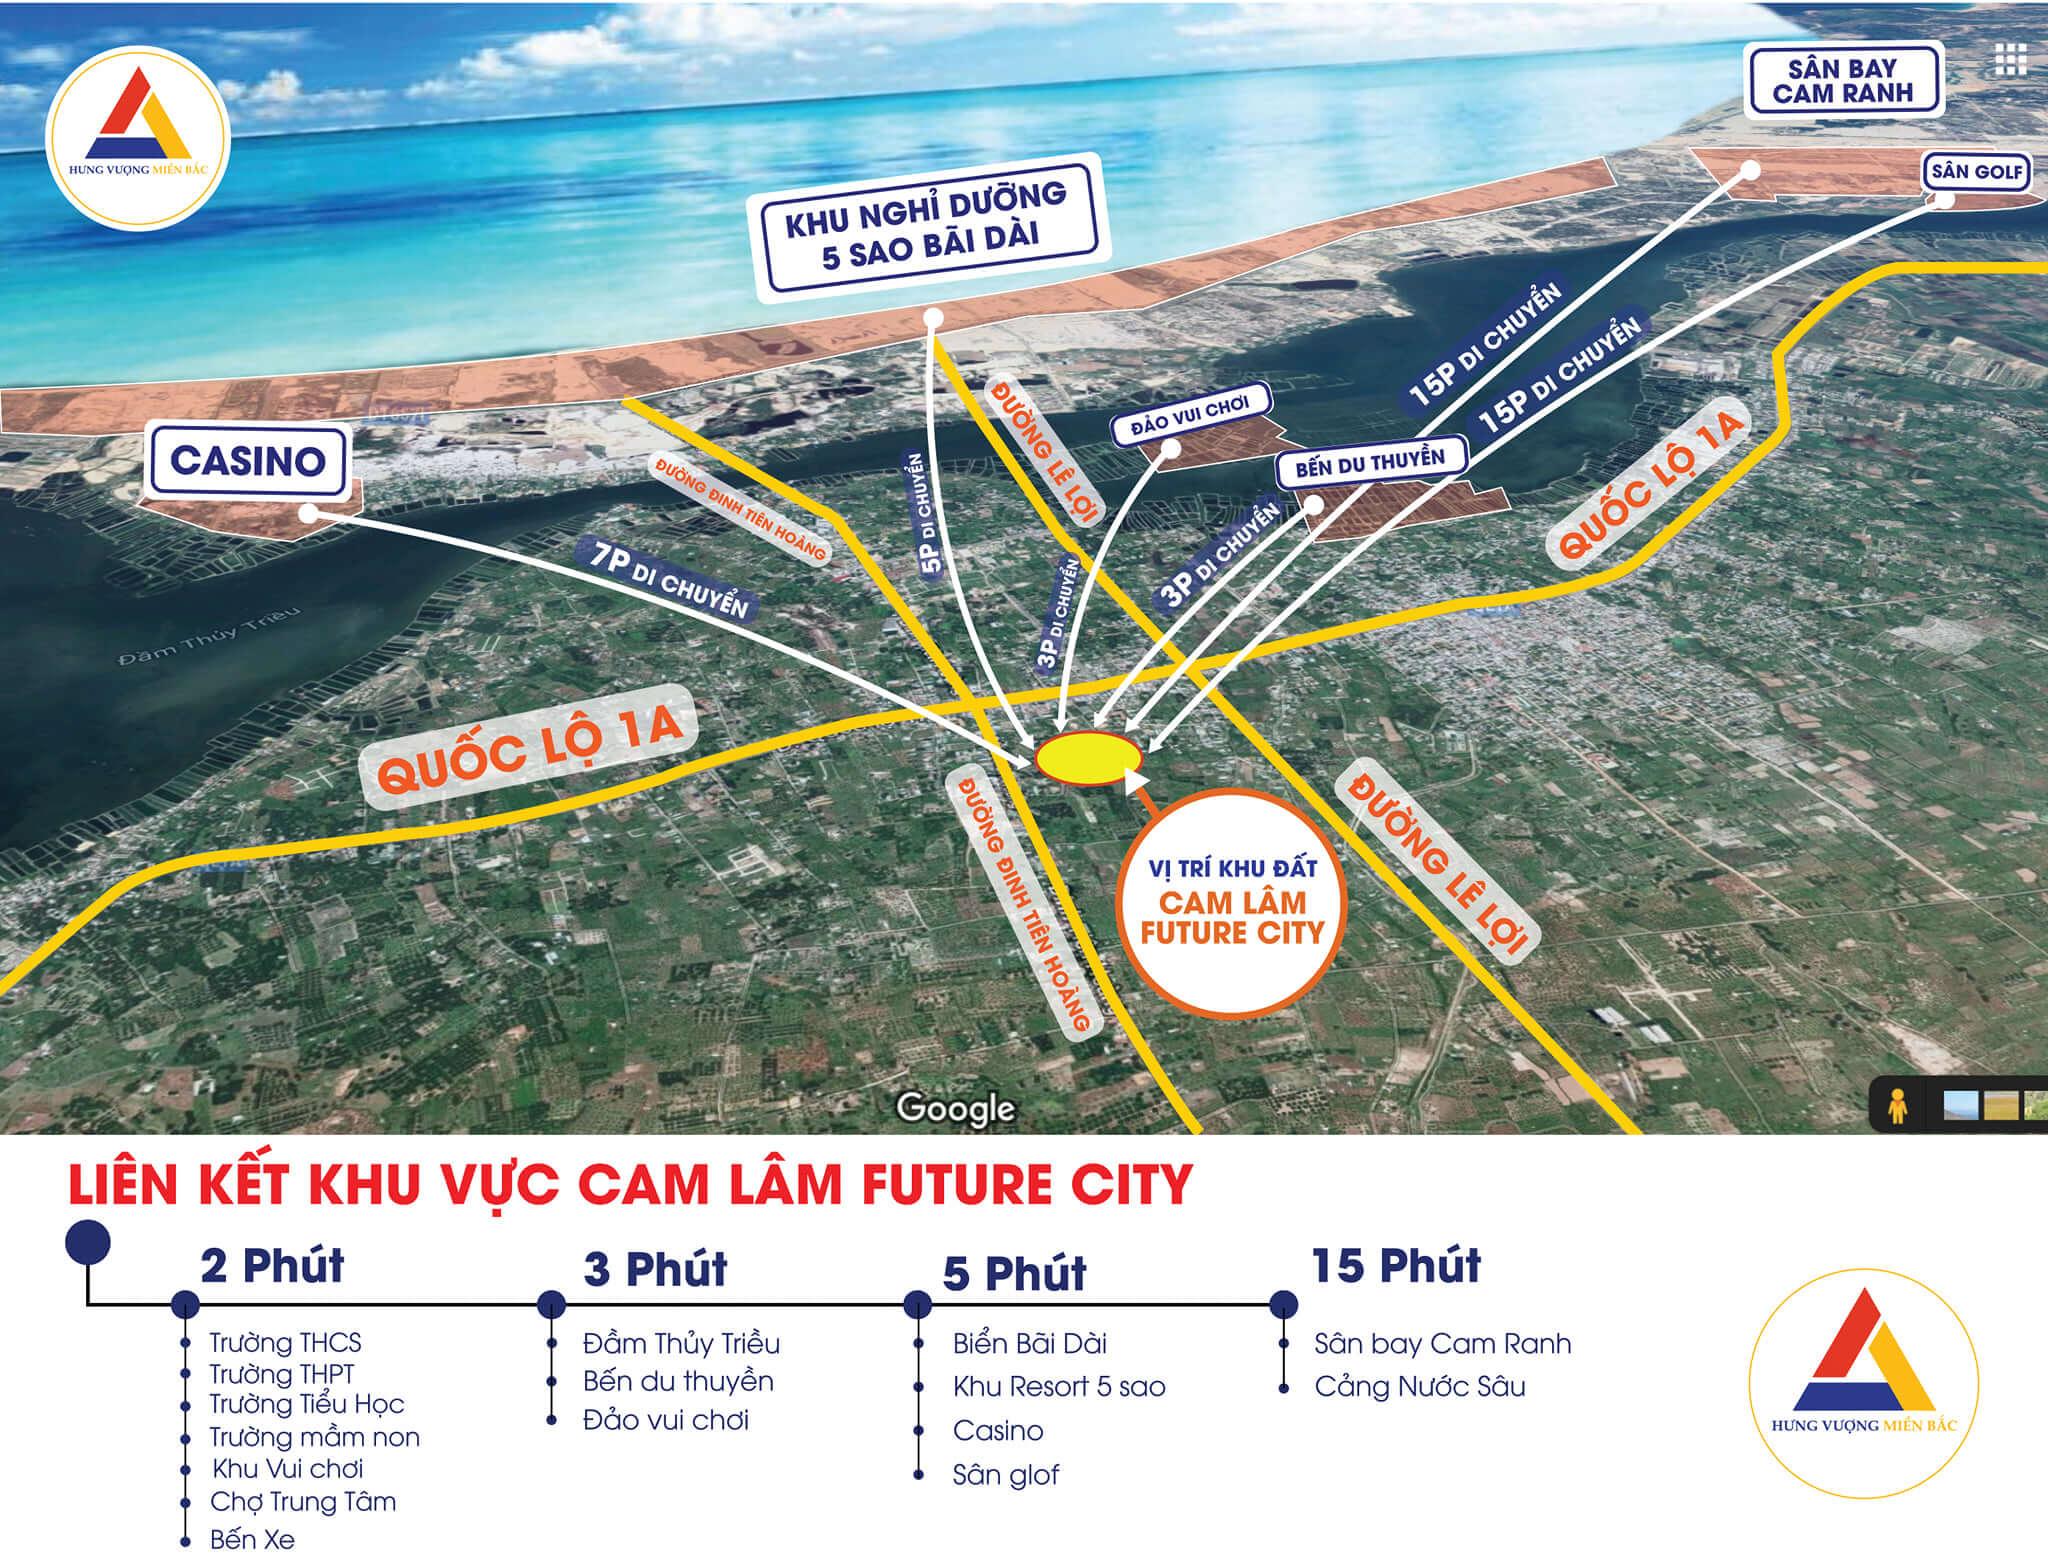 liên kết vùng dự án cam lâm future city